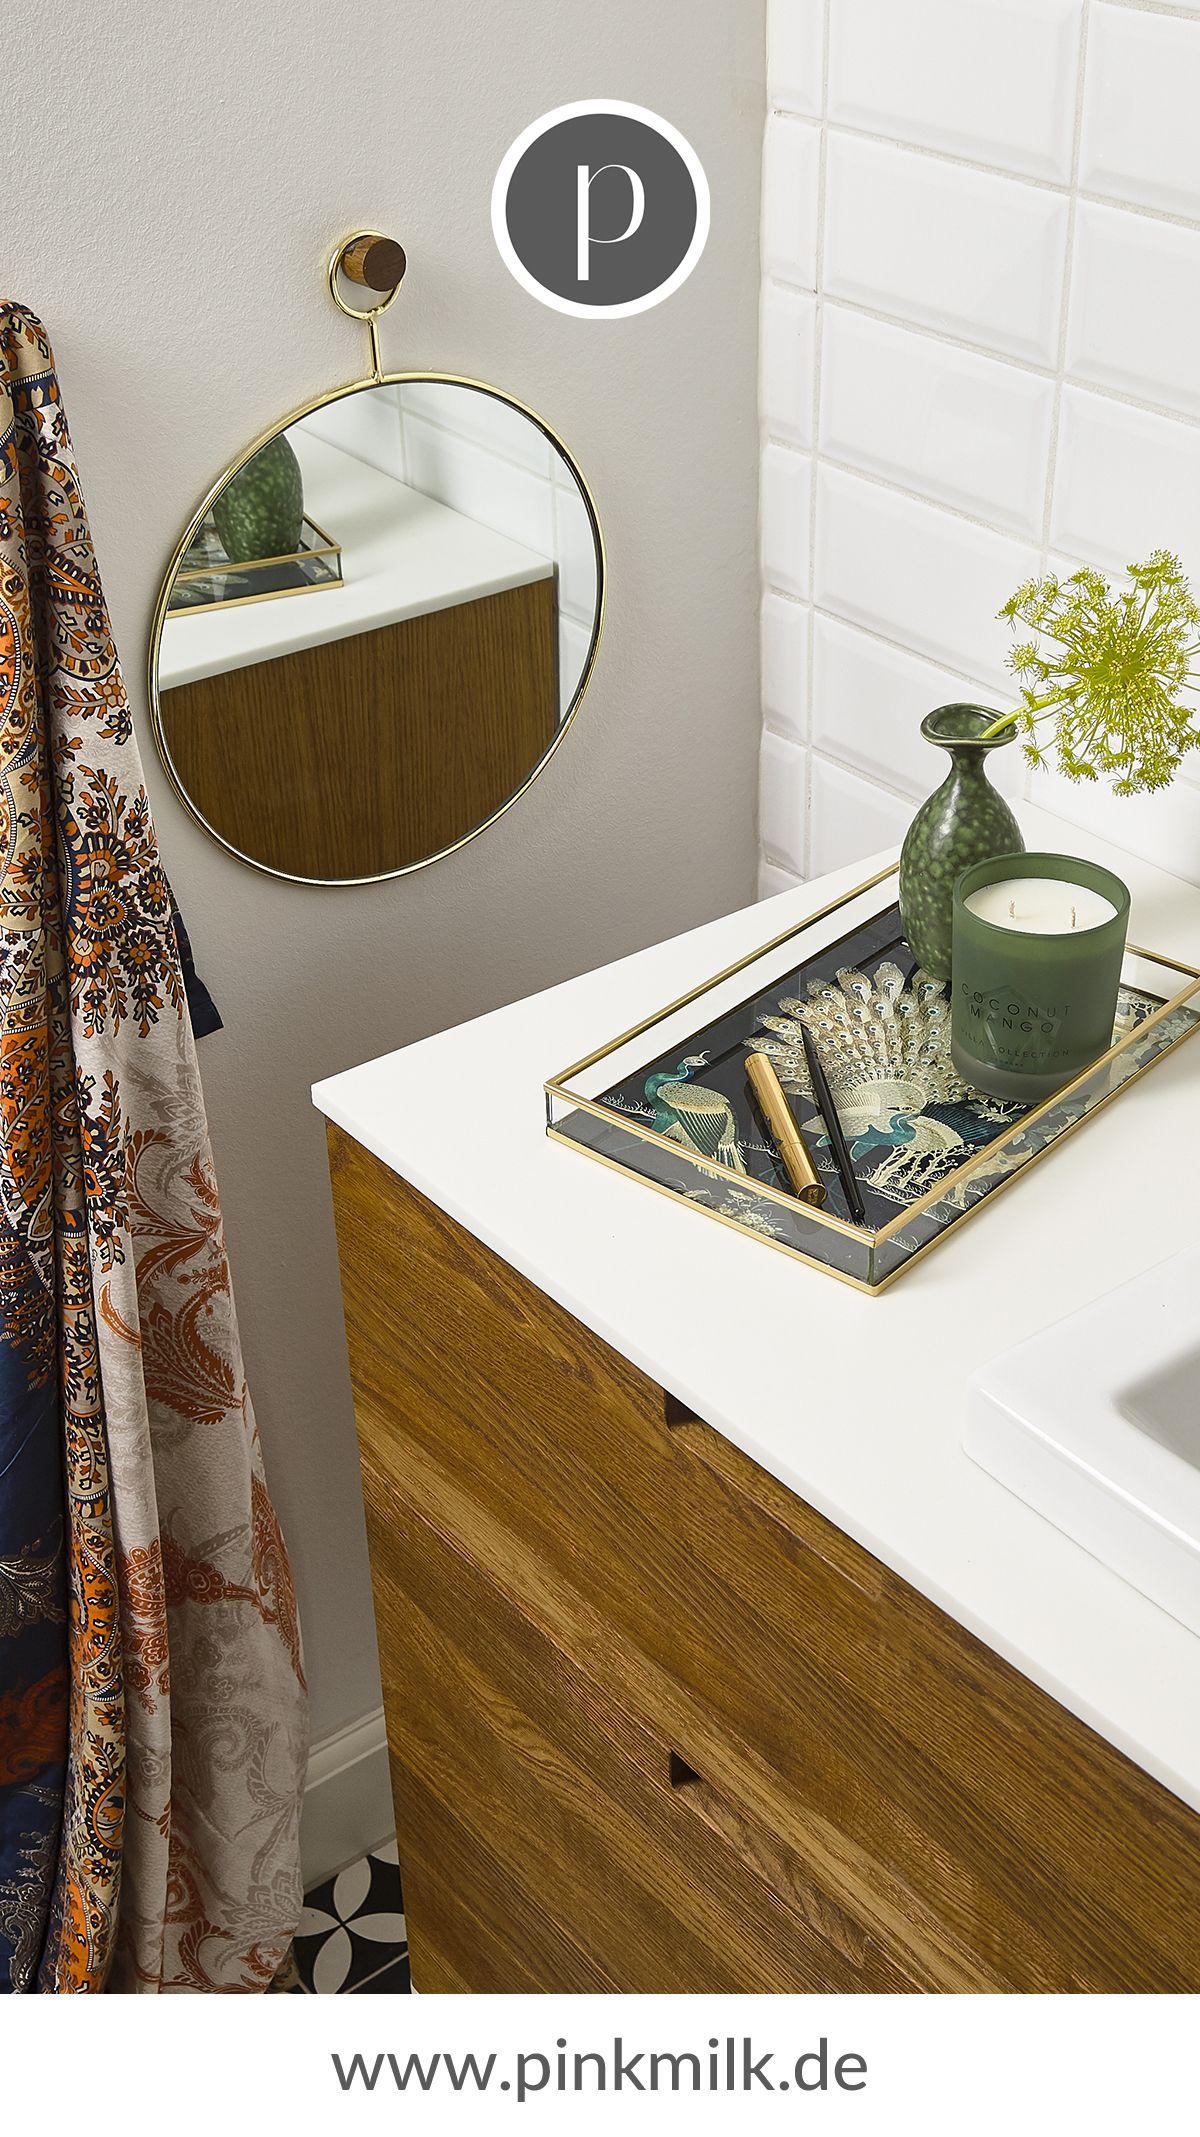 Finde Deine Essentials Um Dein Bad In Eine Richtige Wellness